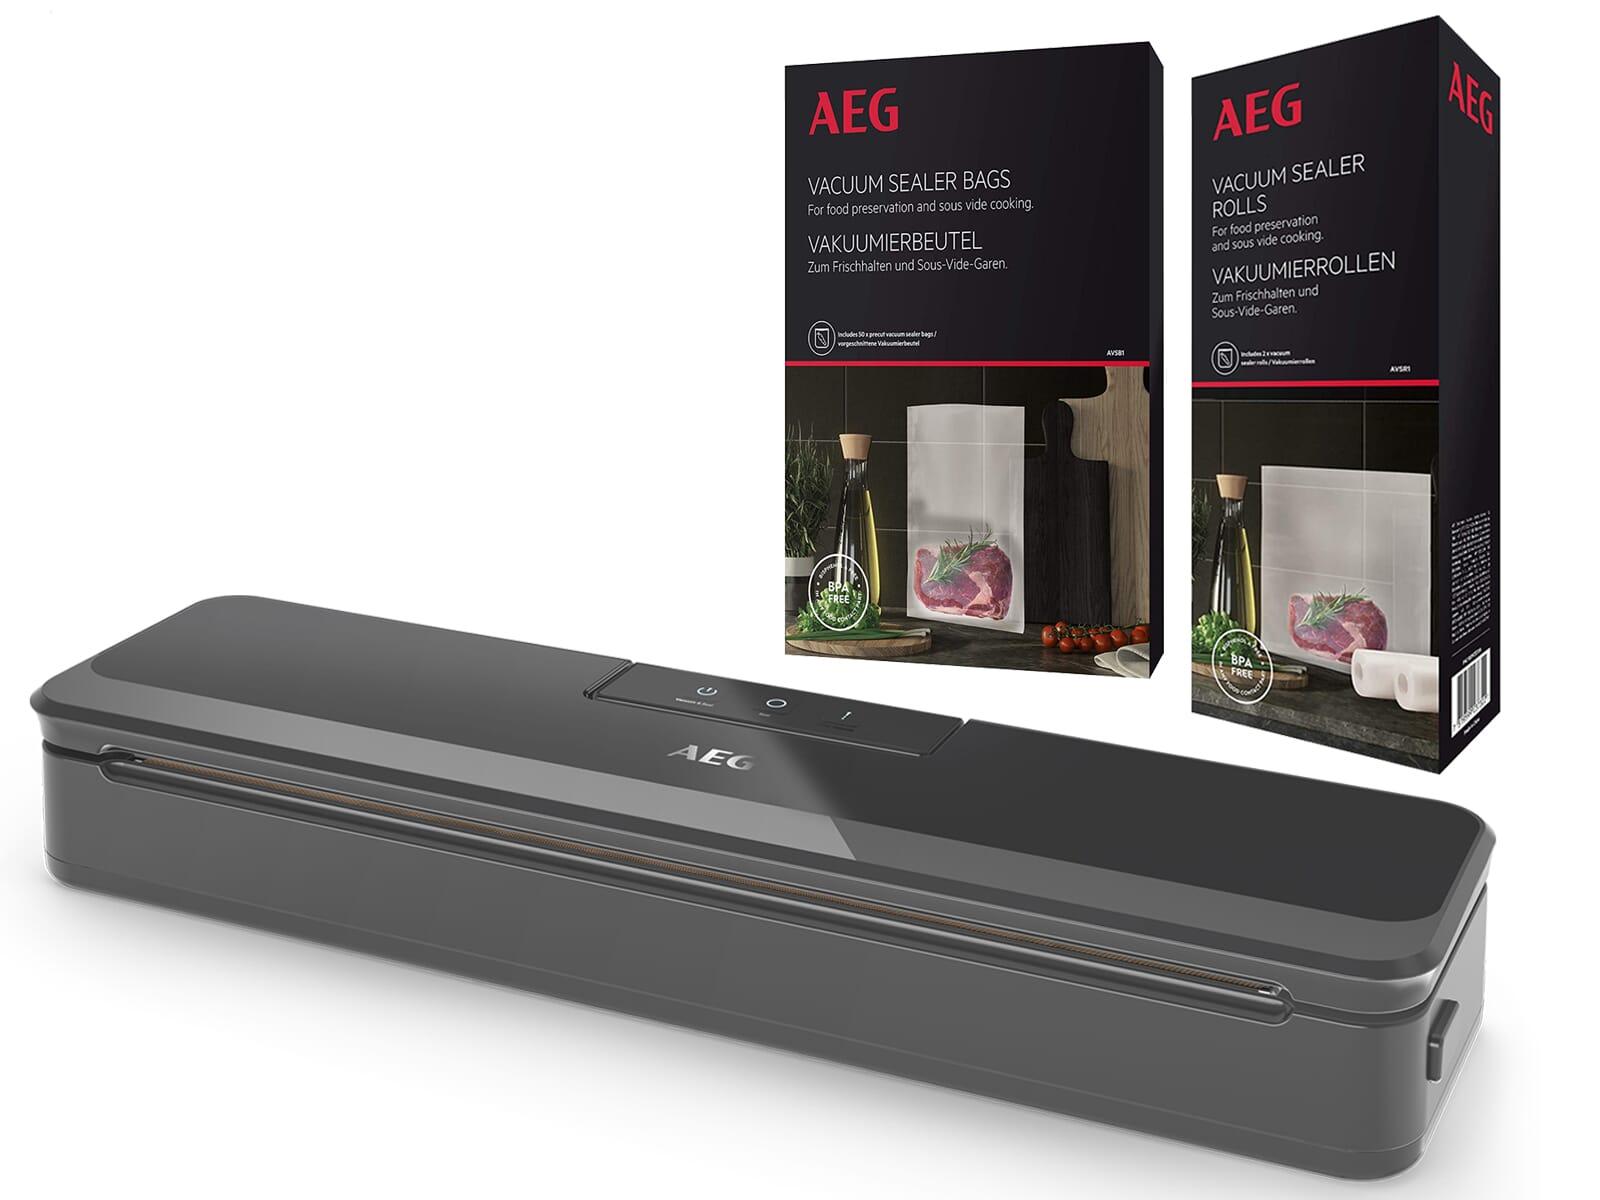 AEG Vakuumierset - Vakuumiergerät VS4-1-4AG + 60 Vakuumierbeutel AVSB1 + 2 Vakuumierrollen AVSR1